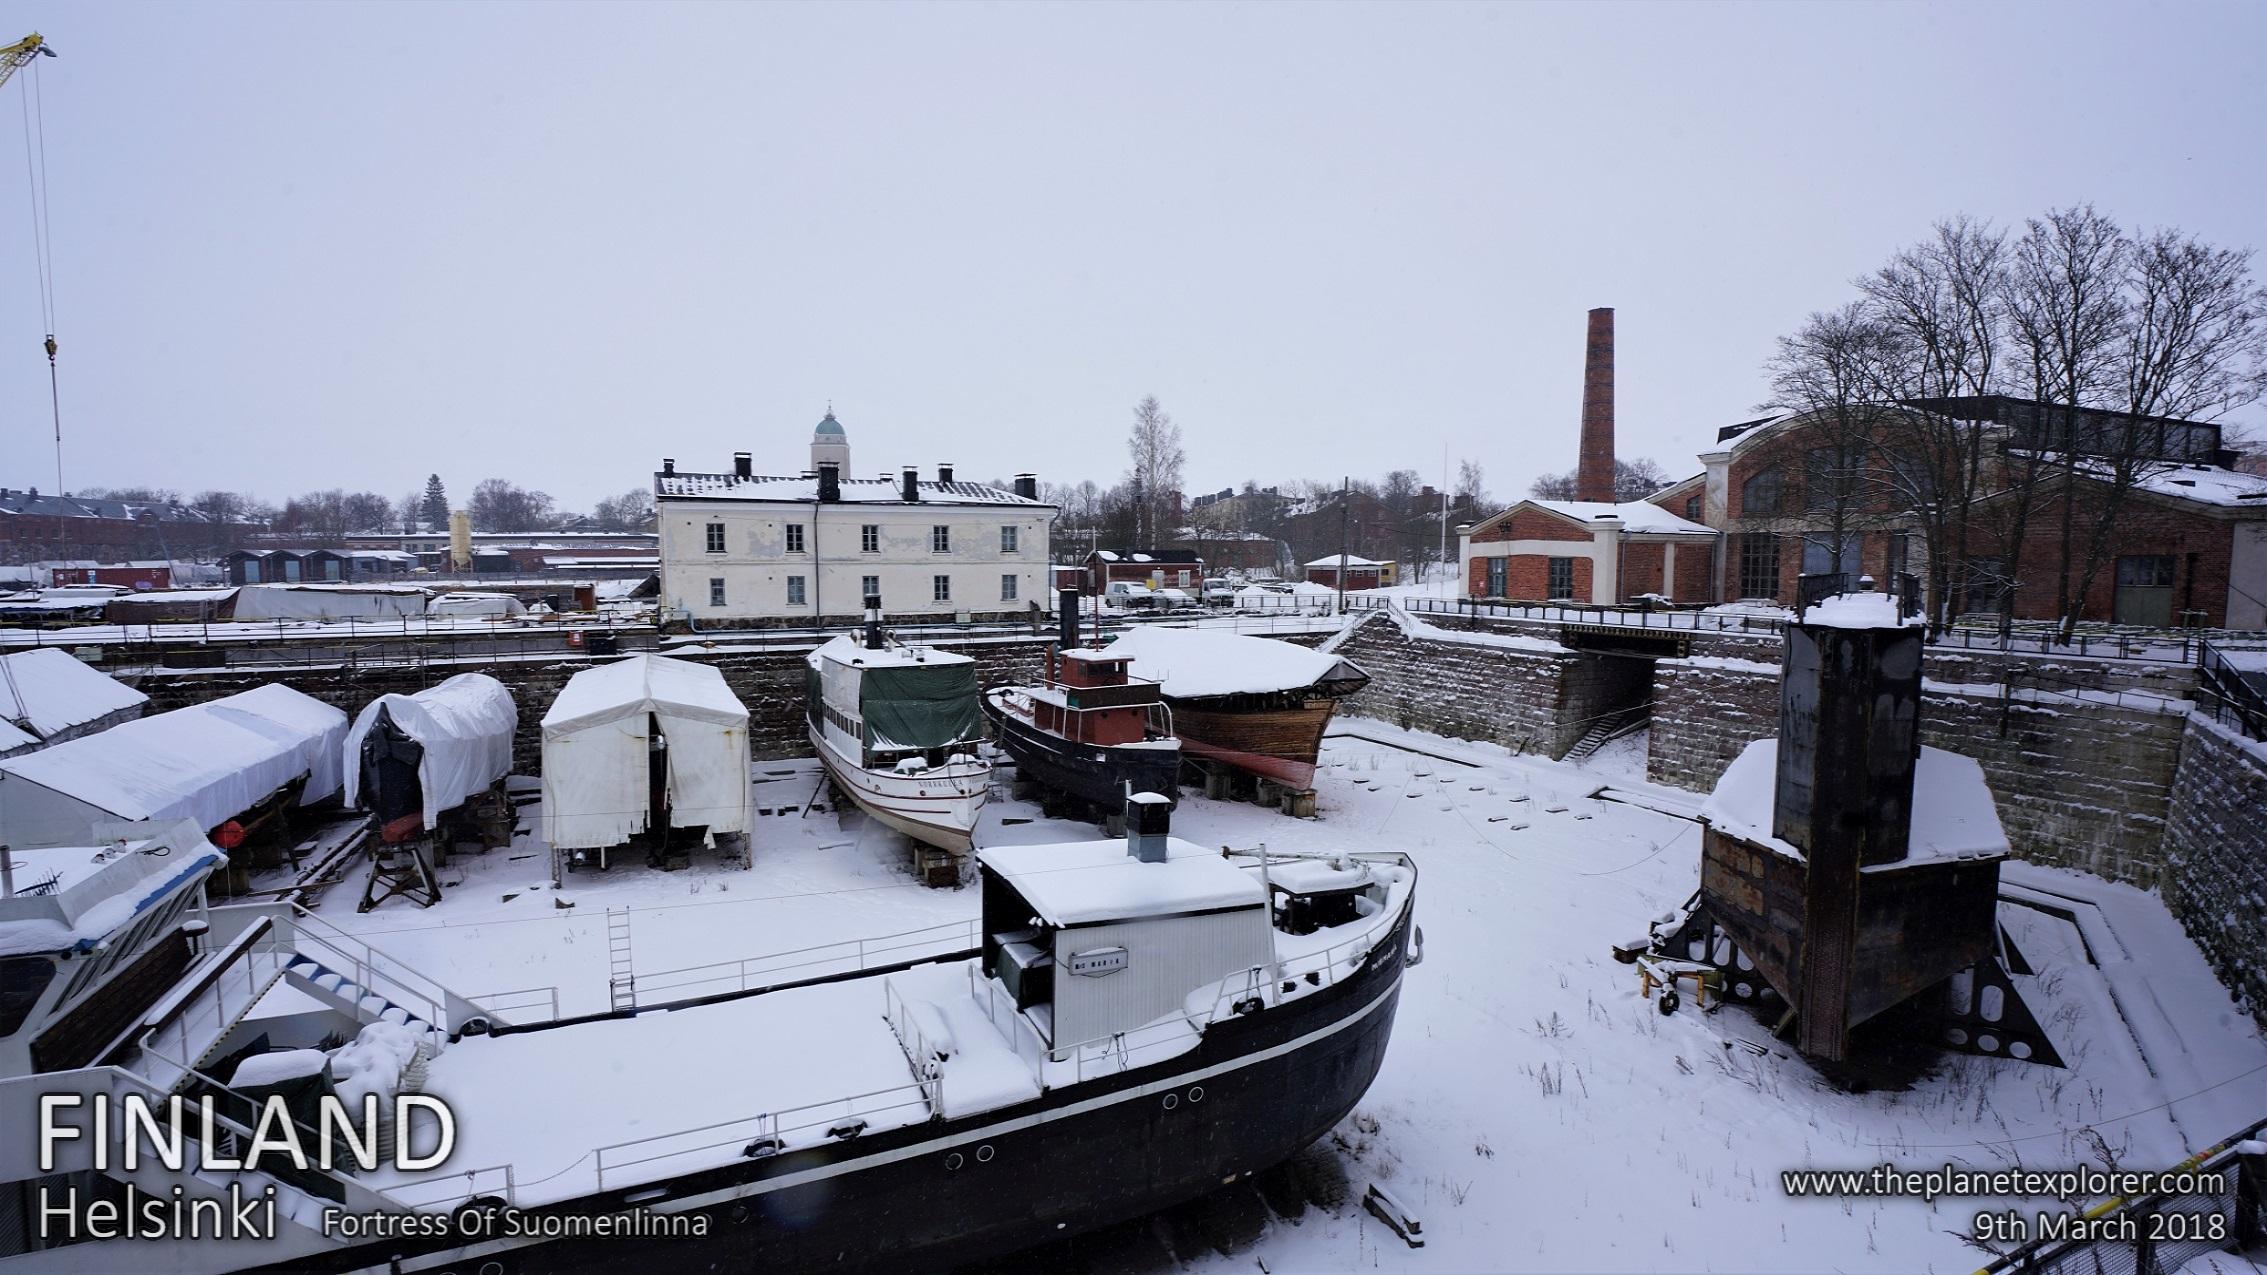 20180309_1214_Finland_Helsinki_Fortress Of Suomenlinna_DSC00222_Sony a7R2_LR_@www